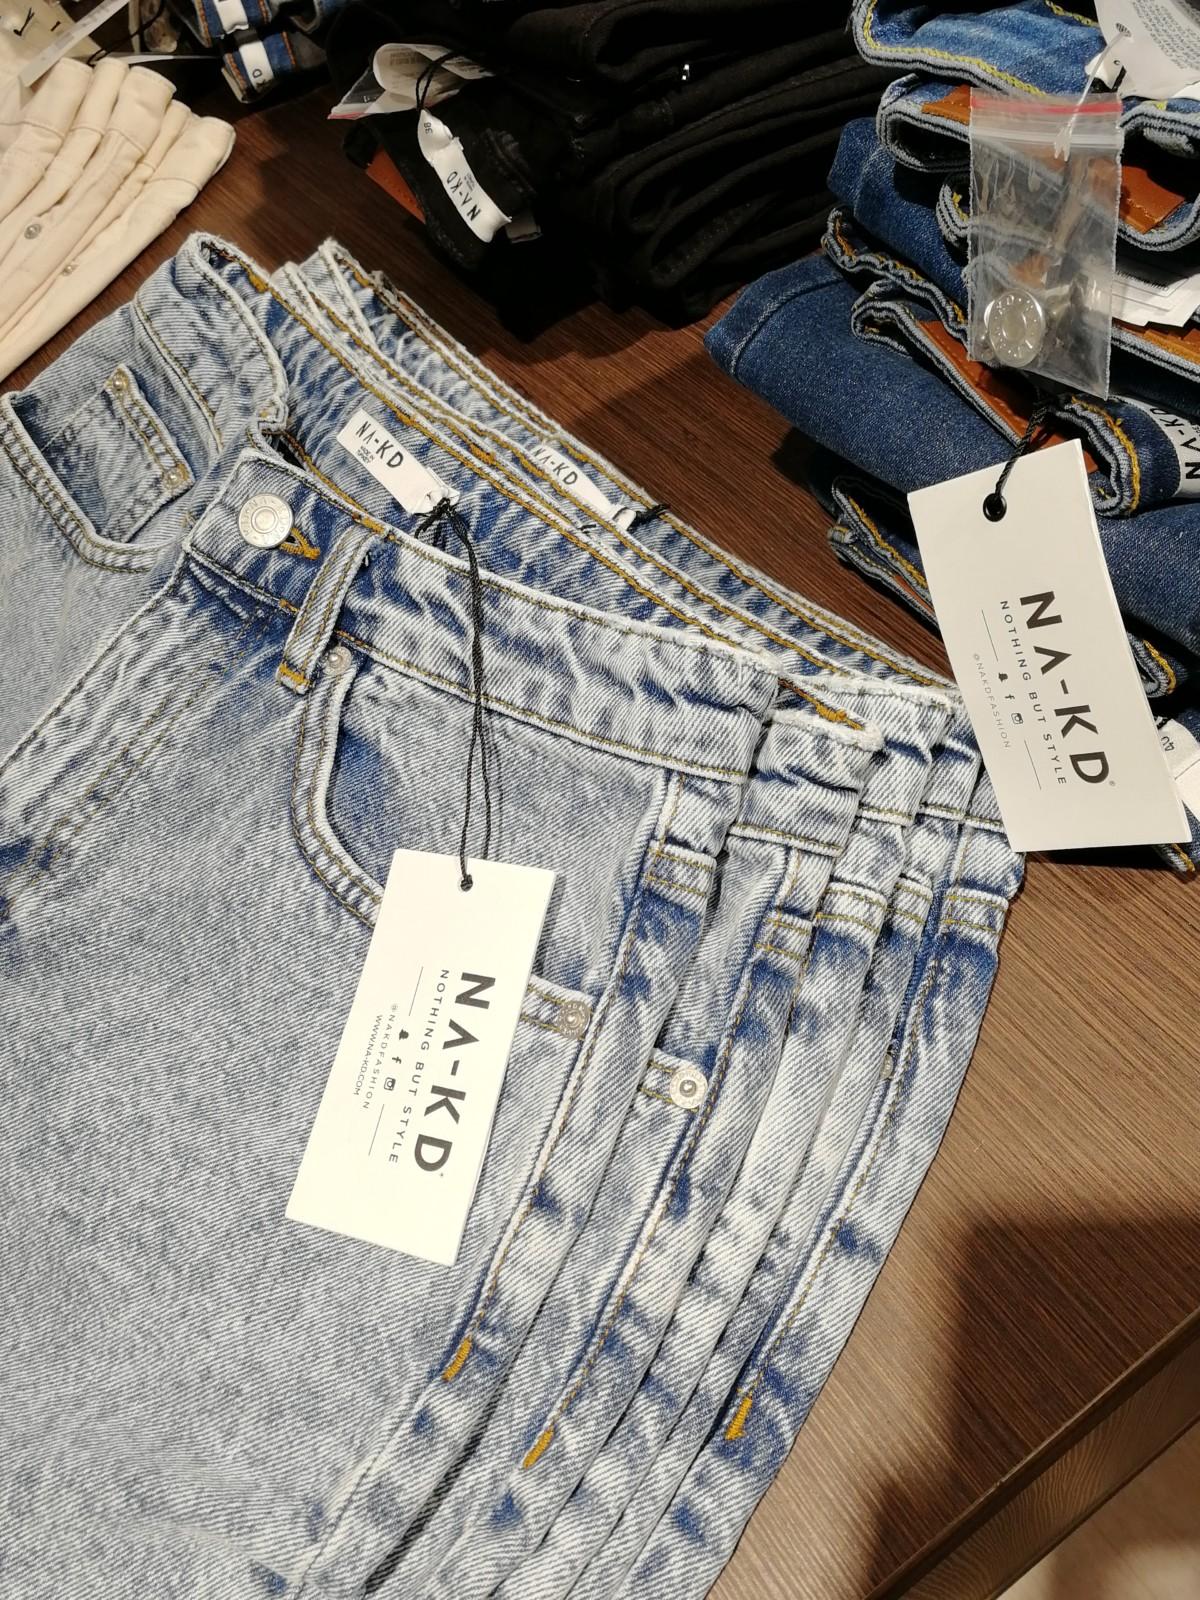 isalicious-blogger-blogg-mote-trend-stil-fashion-style-denim-jeans-mat-kid-shopping-innkjøp-newin-nakd-nyhet.jpg